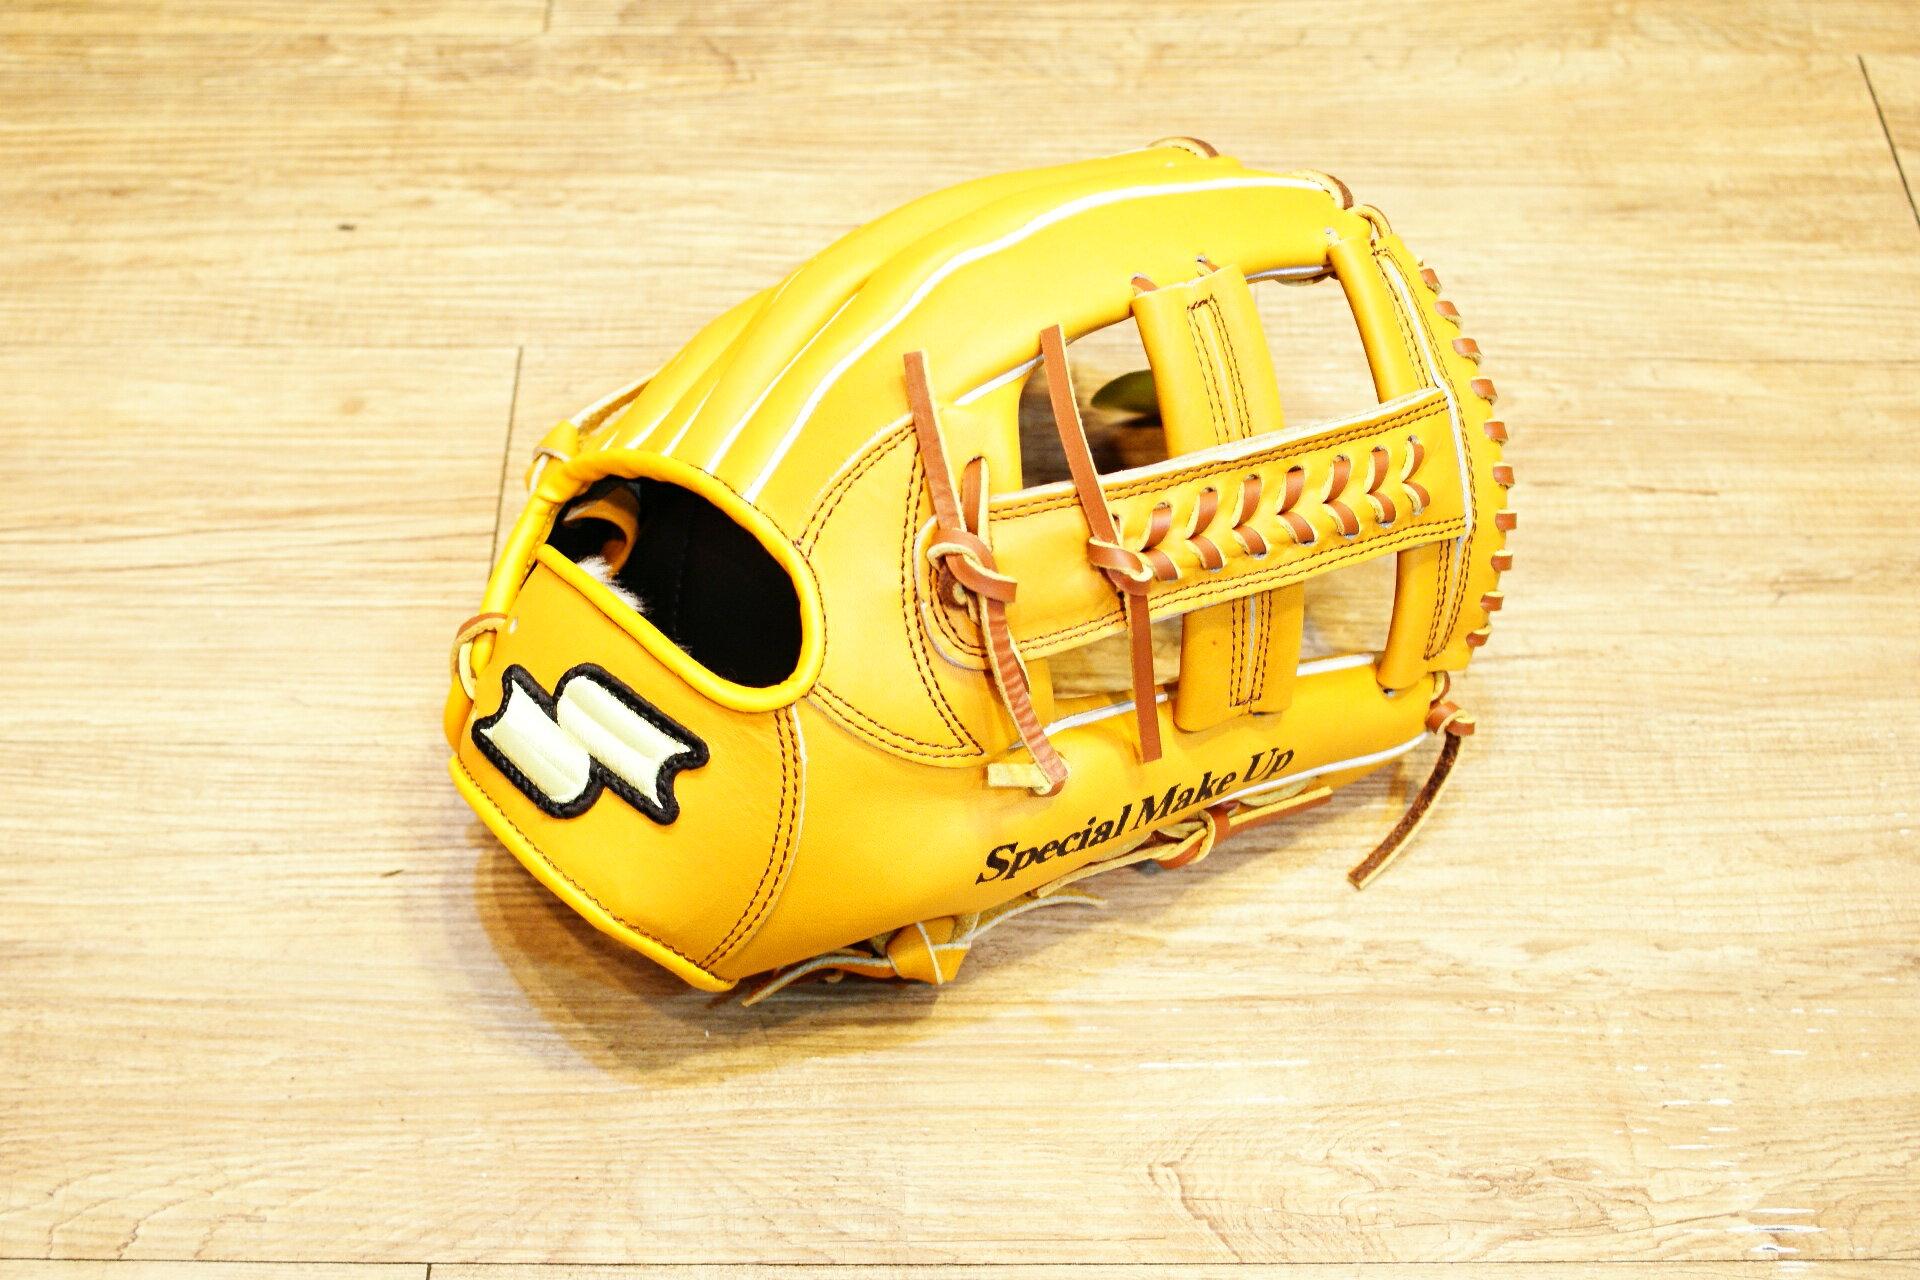 棒球世界 全新 店訂版SSK棒壘通用牛皮內野手套特價   十字檔 原皮色